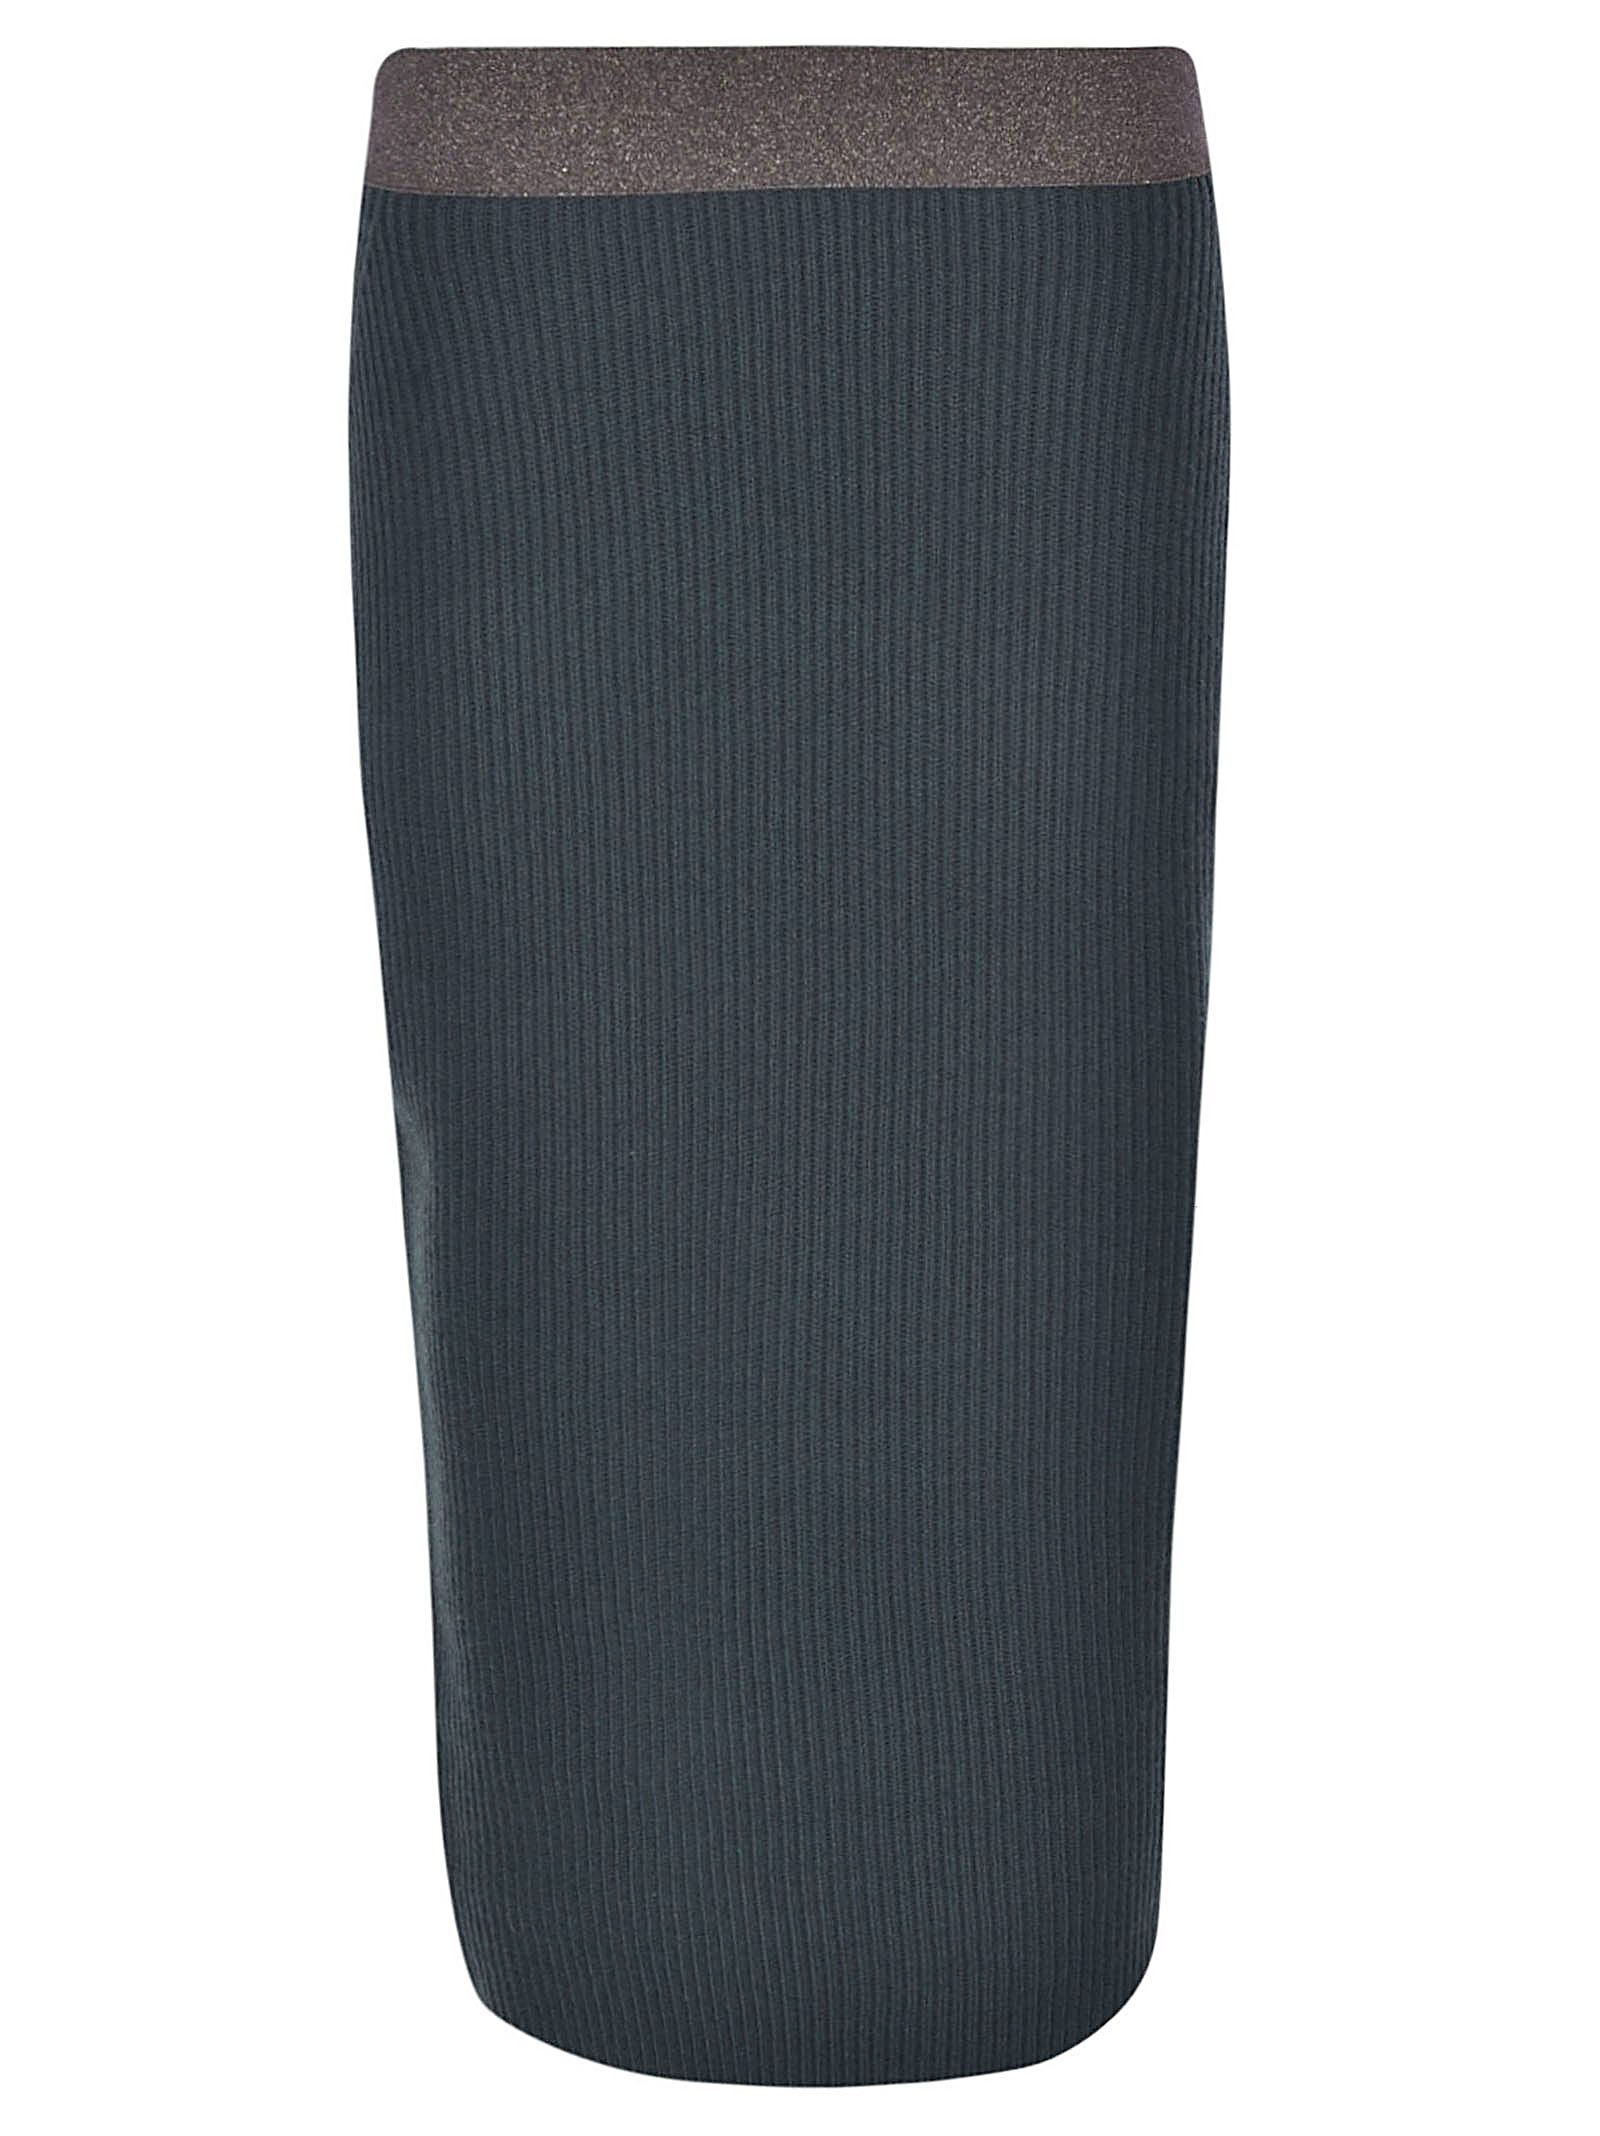 Fabiana Filippi Knitted Skirt